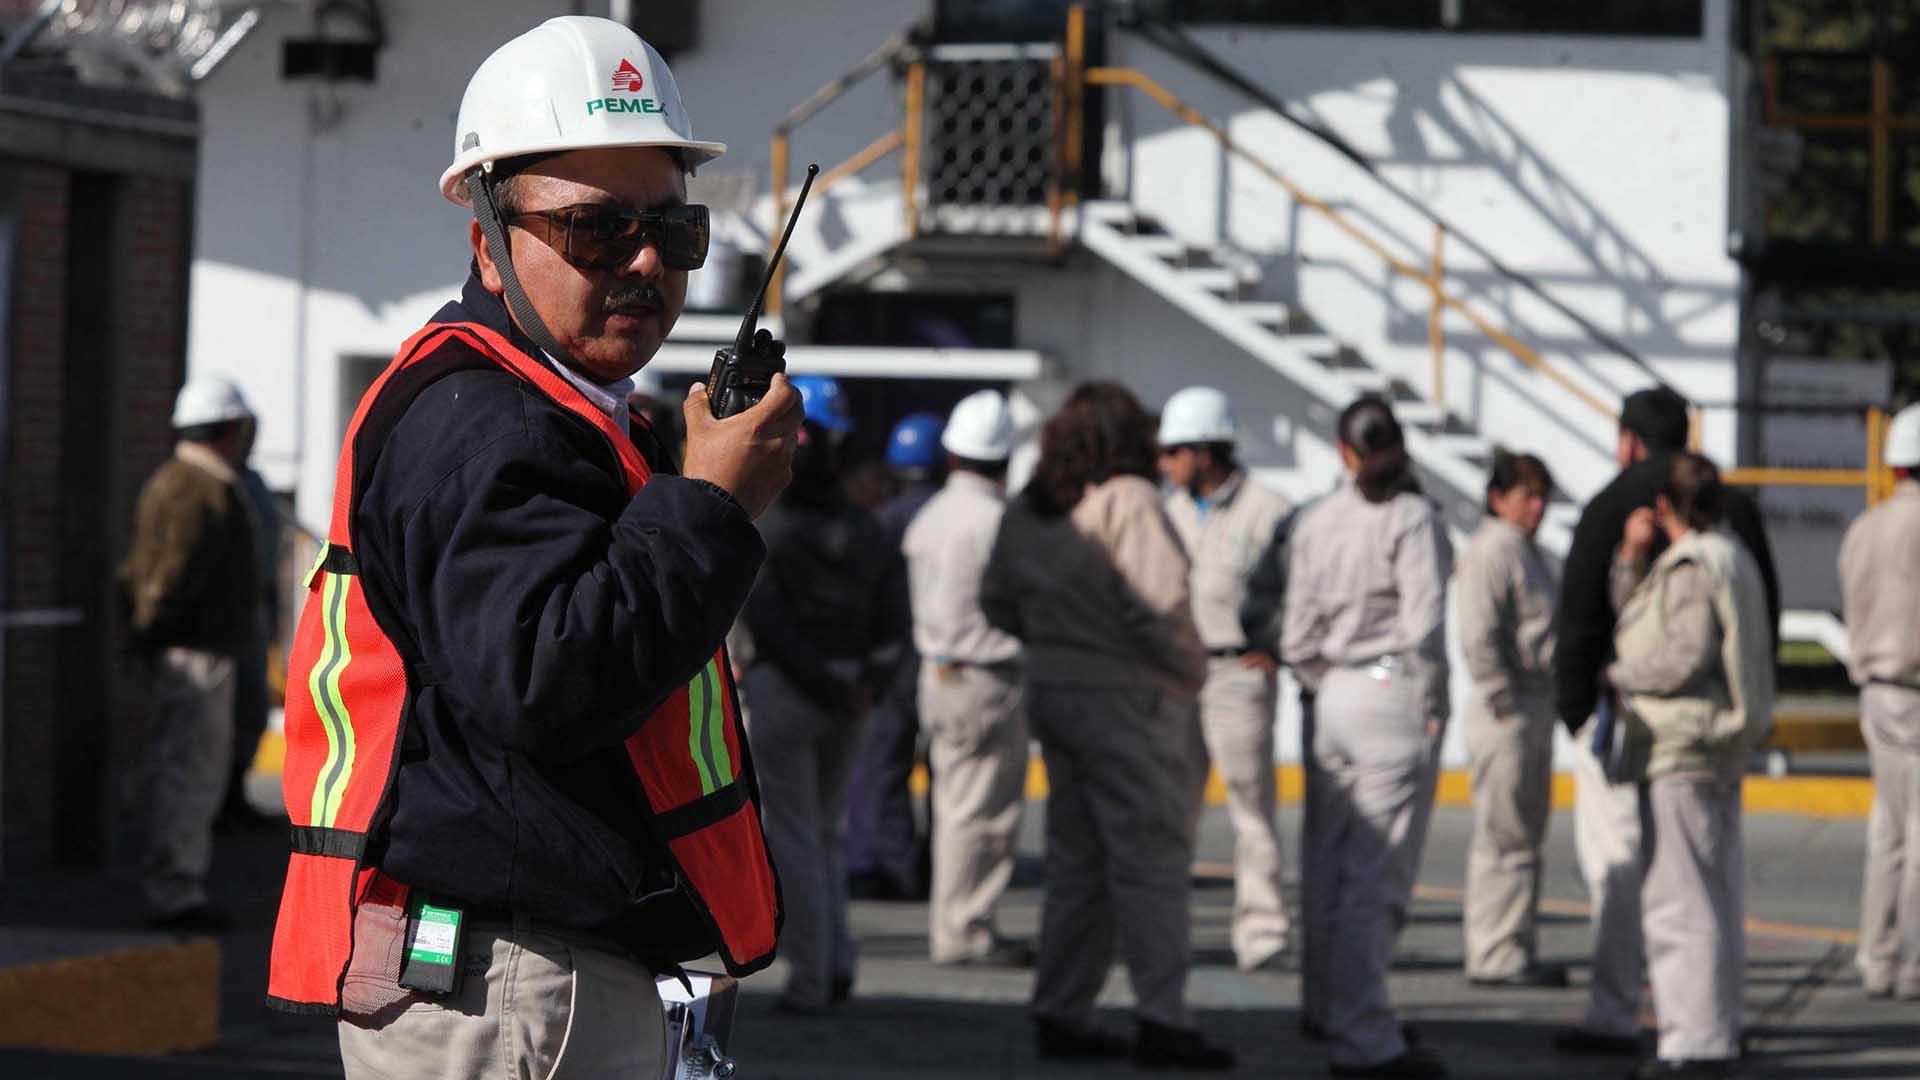 Recorte a plantilla de Pemex de casi 9 mil trabajadores